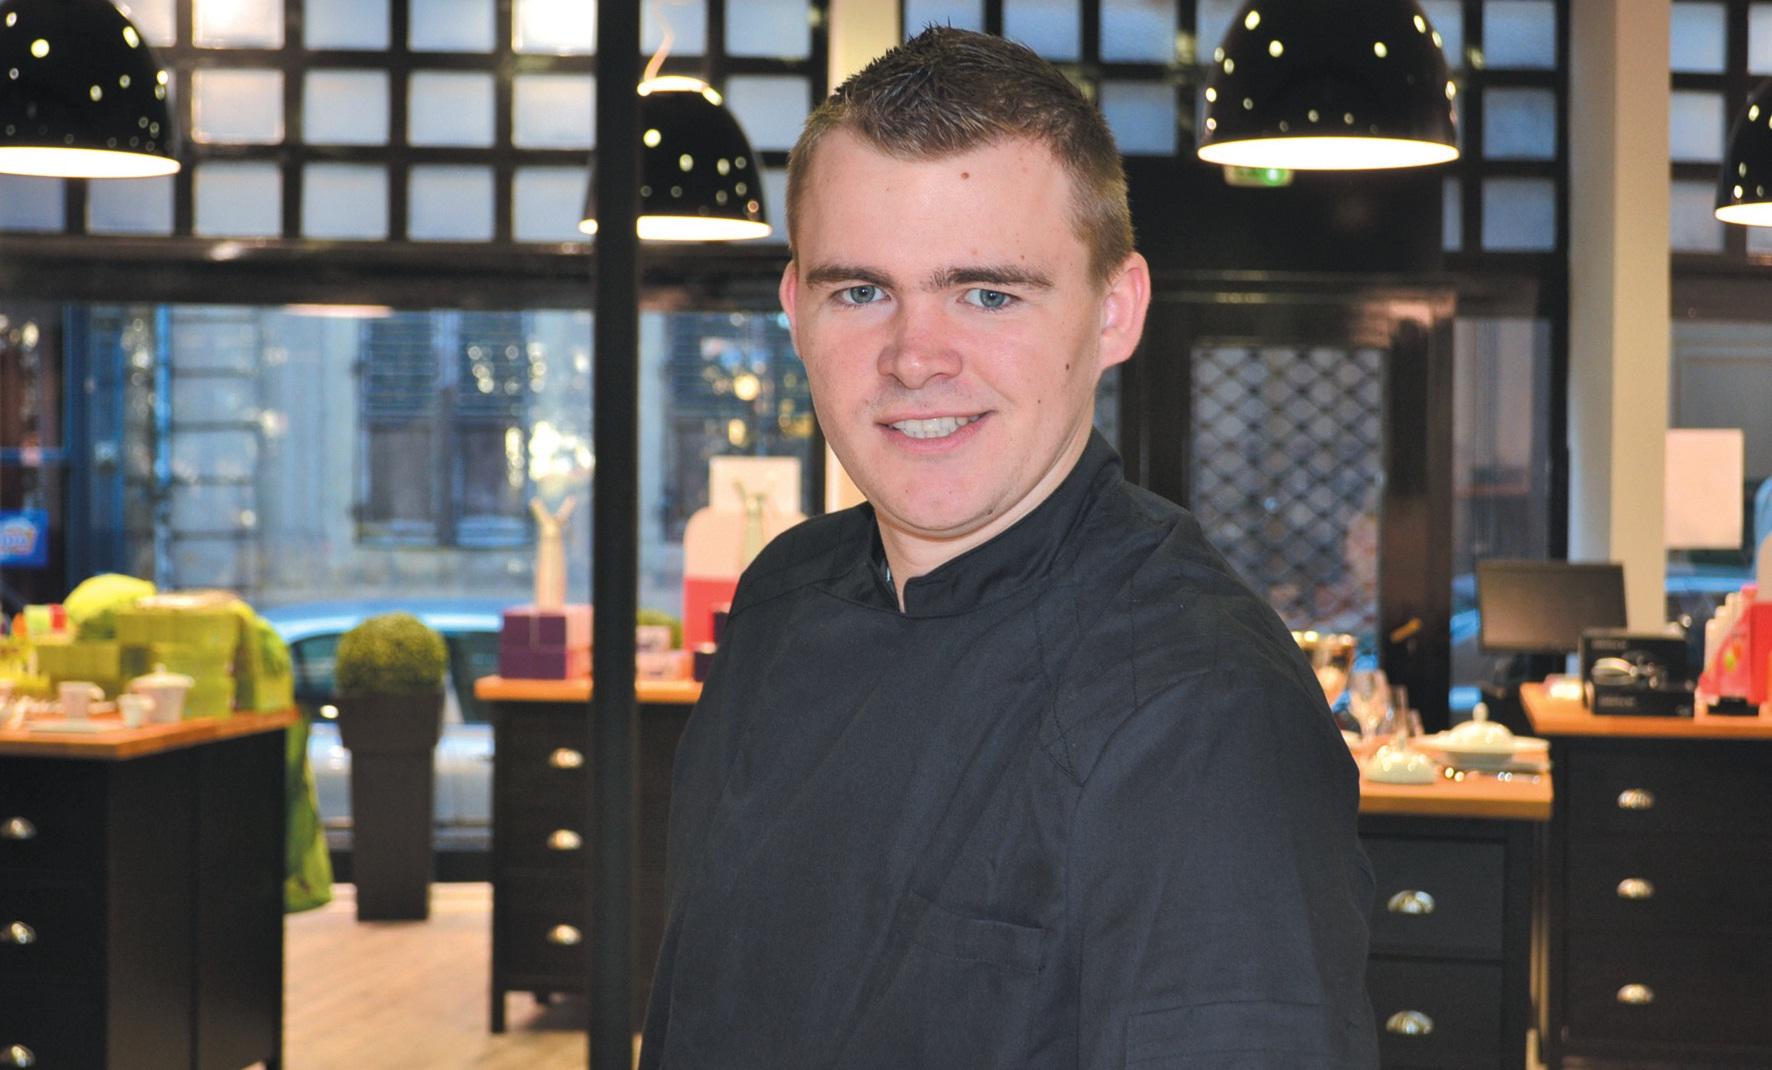 «La cuisine, c'est avant tout du plaisir et des émotions à partager» souligne Alexandre Neveu, le patron de l'Académie des Chefs.